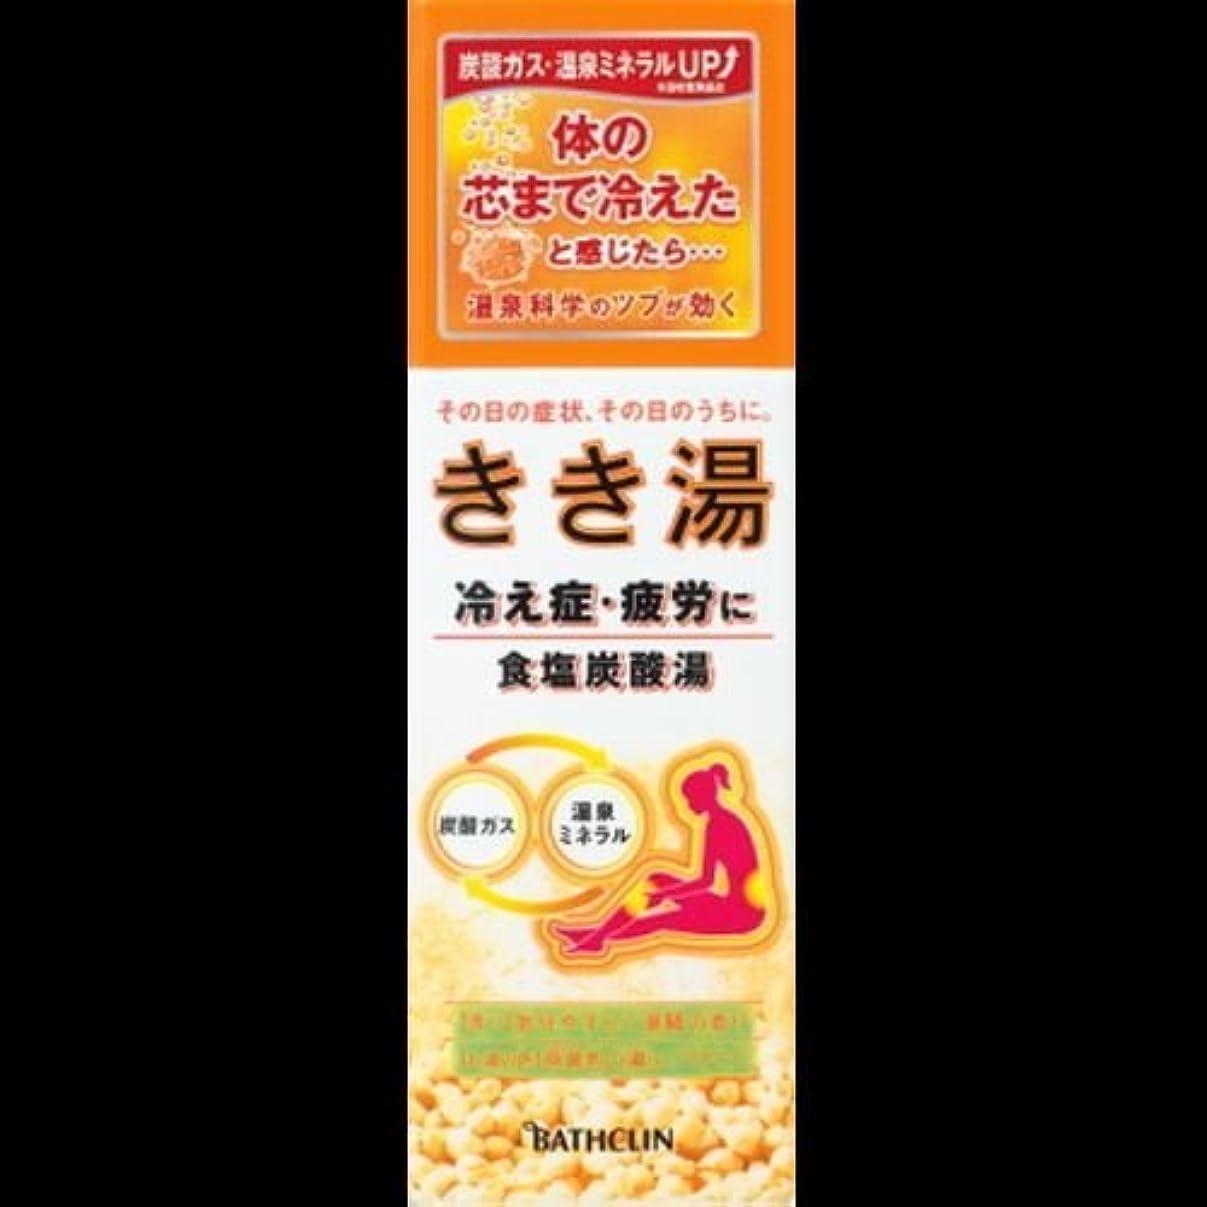 瞑想するヒューバートハドソン多様な【まとめ買い】きき湯 食塩炭酸湯 気分やすらぐ潮騒の香り萌黄色の湯(にごりタイプ) 360g ×2セット